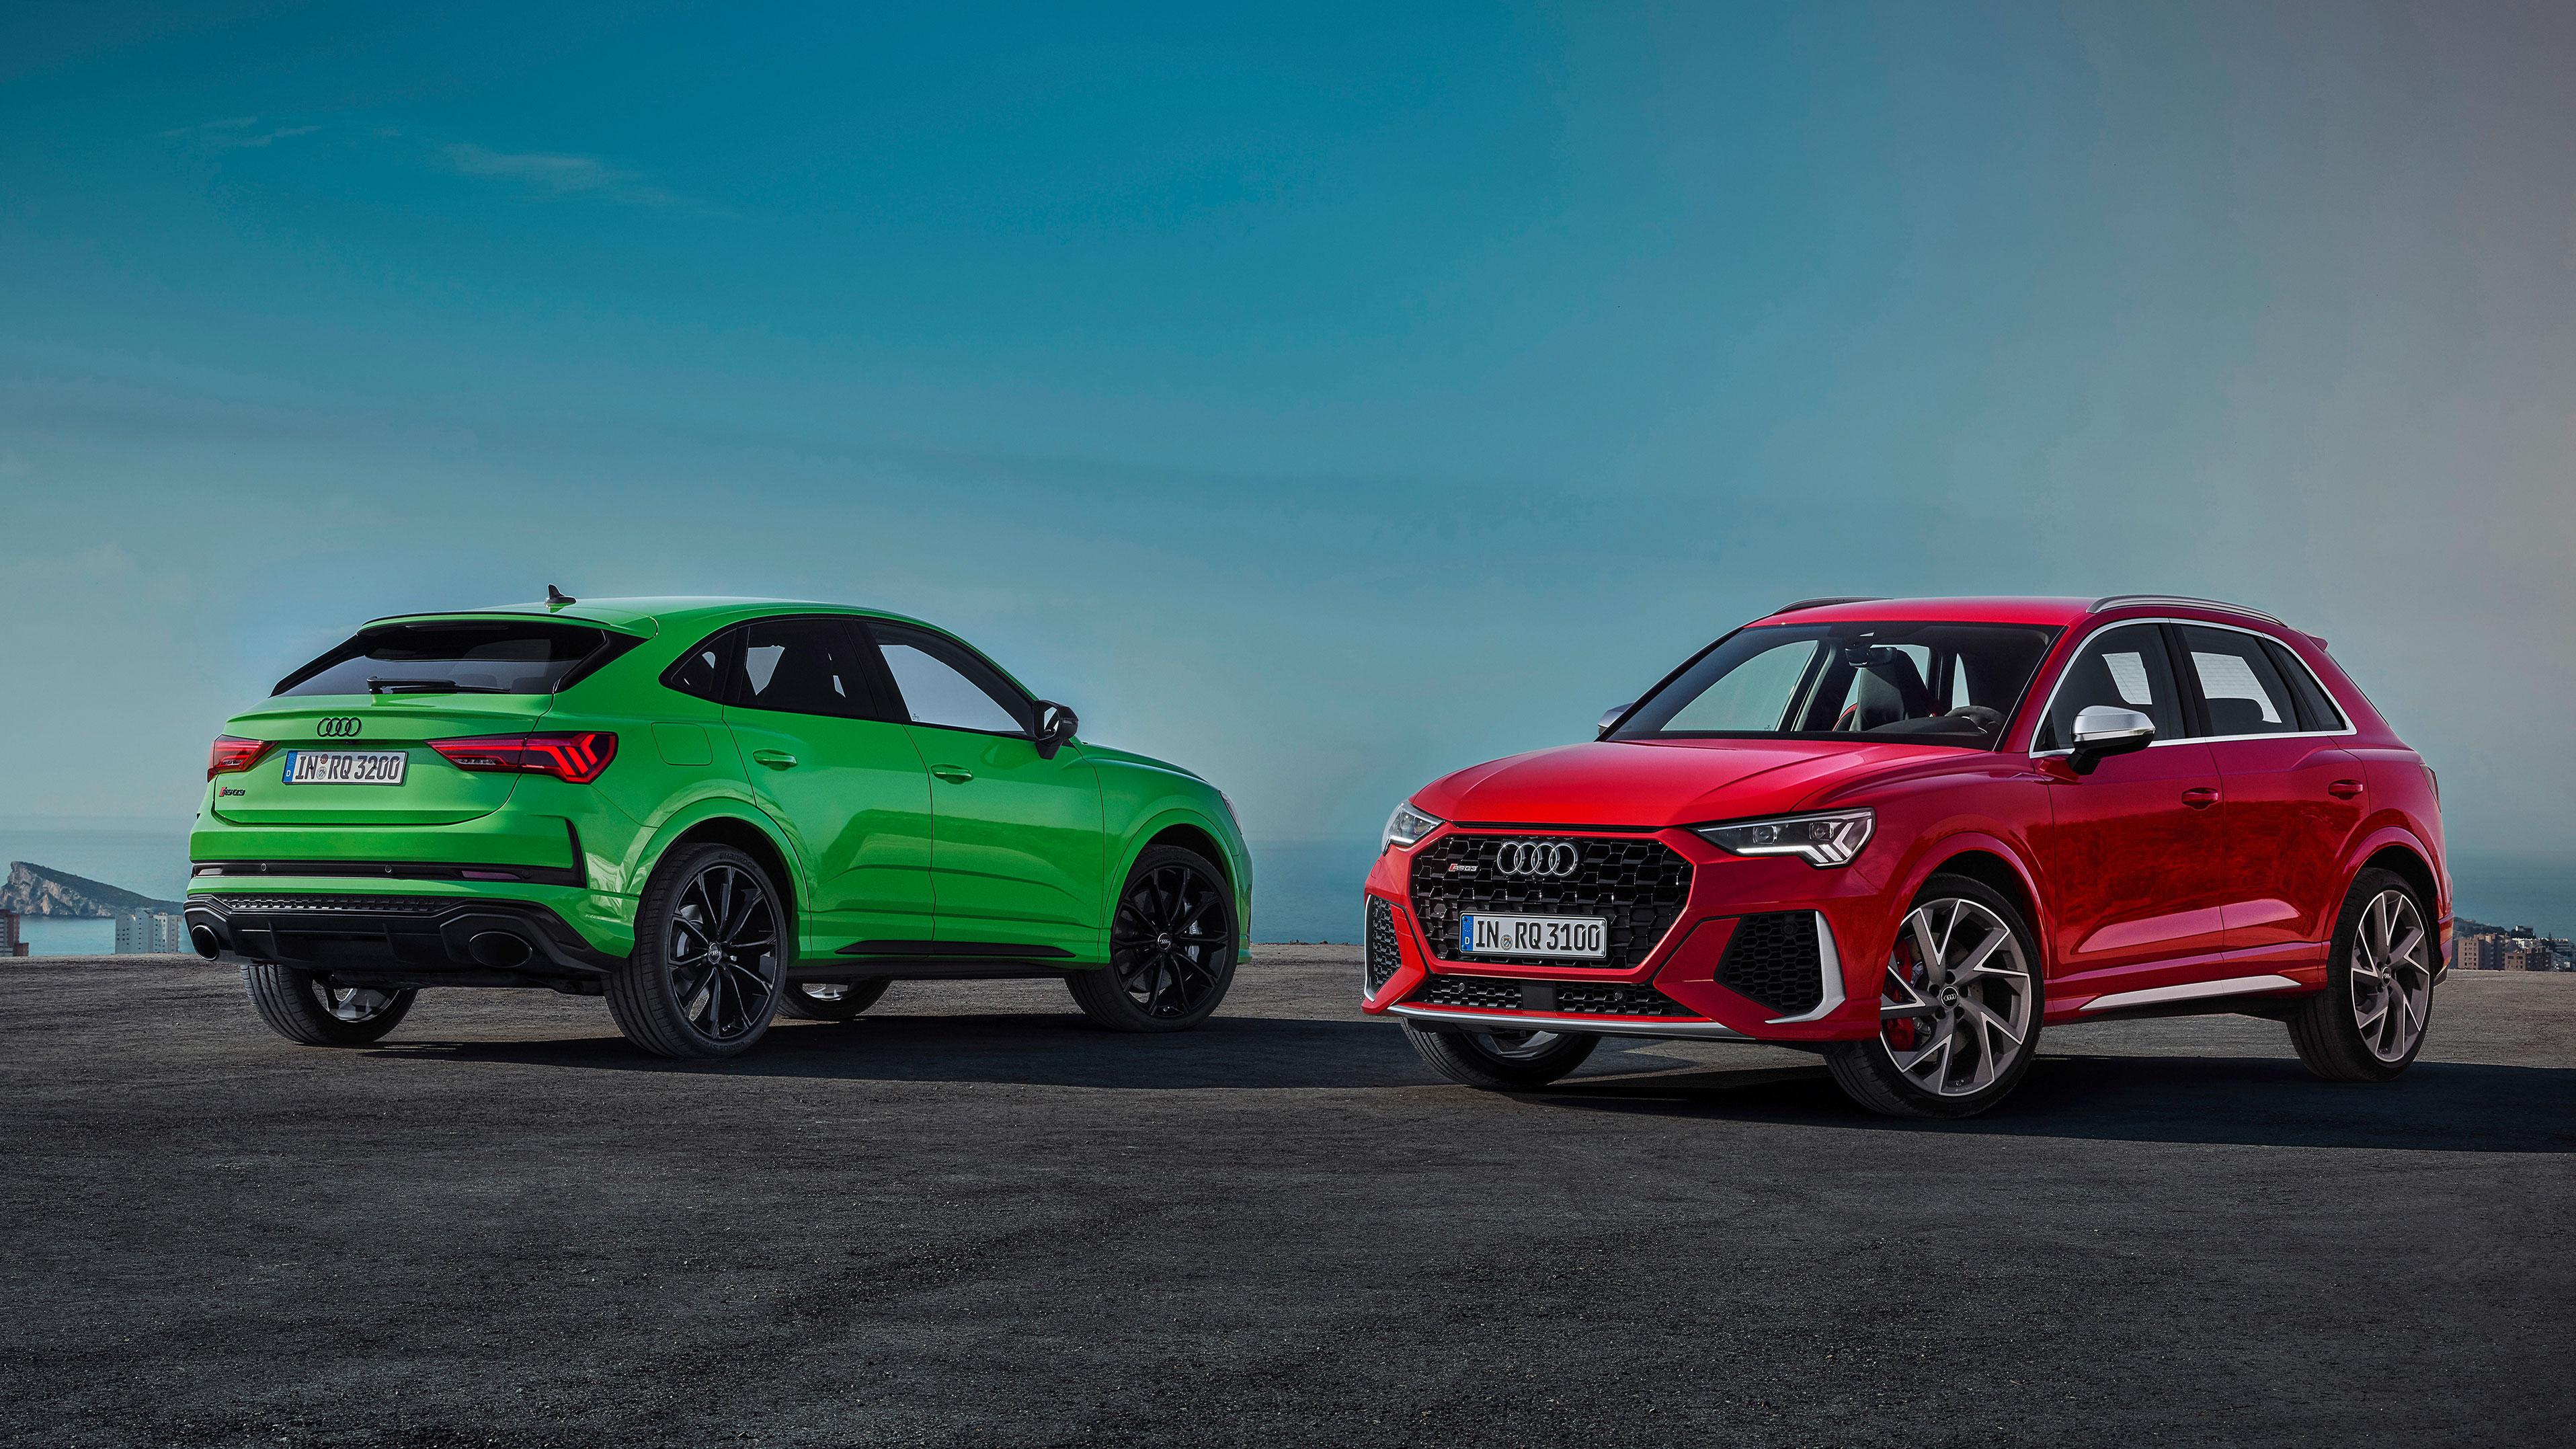 Audi RS Q3 y RS Q3 Sportback 2019: así son los nuevos SUV deportivos